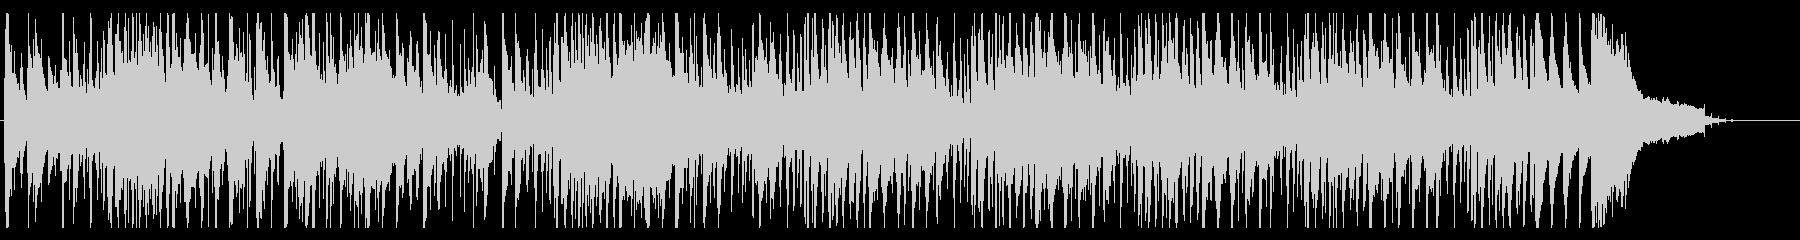 知的でシンプルなジャズの未再生の波形